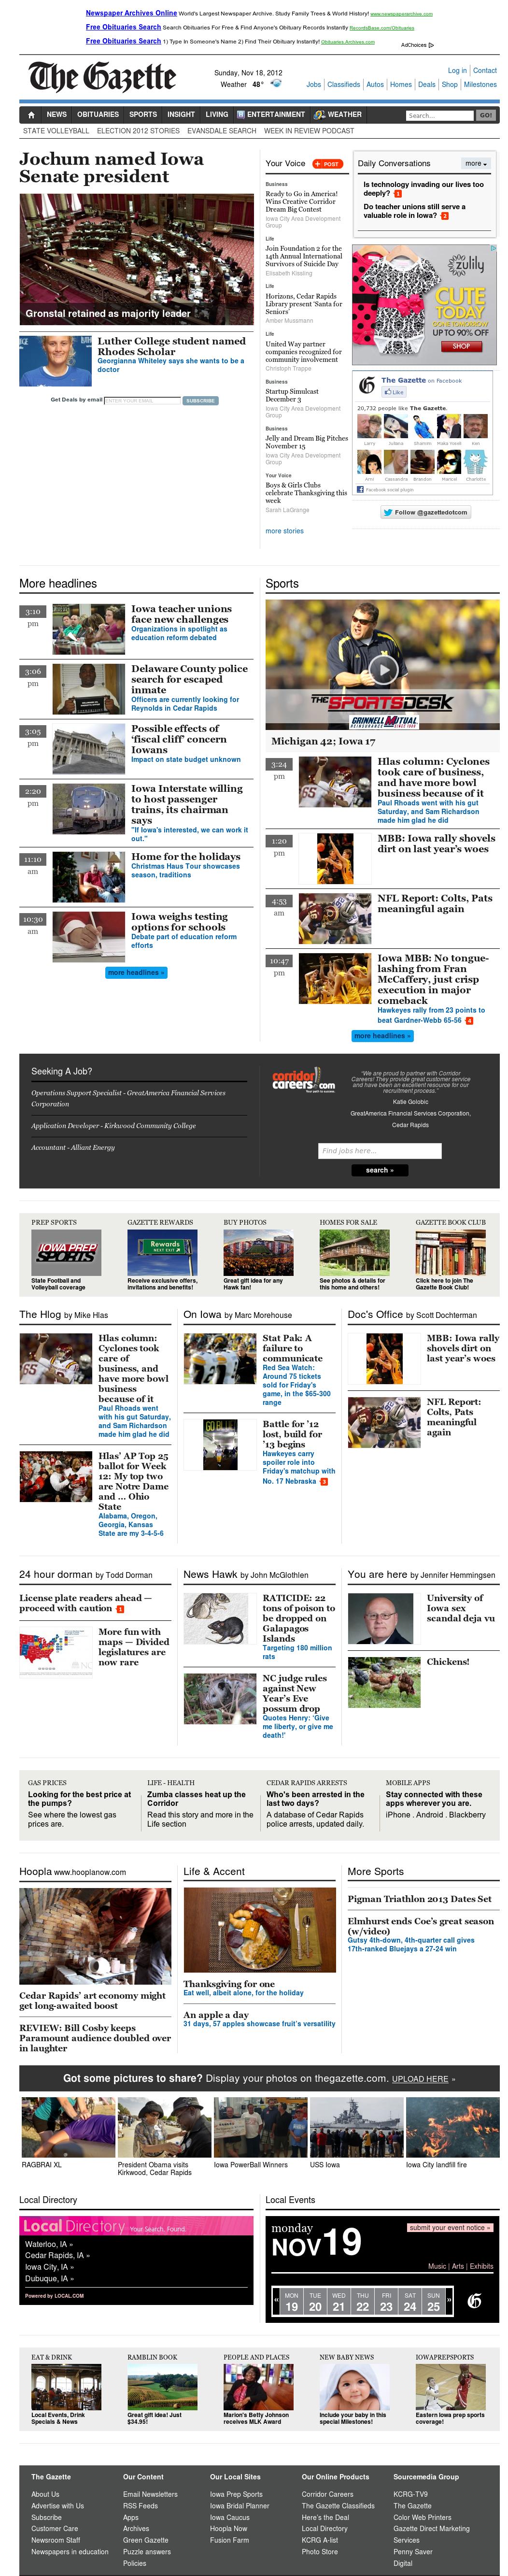 The (Cedar Rapids) Gazette at Monday Nov. 19, 2012, 3:09 a.m. UTC